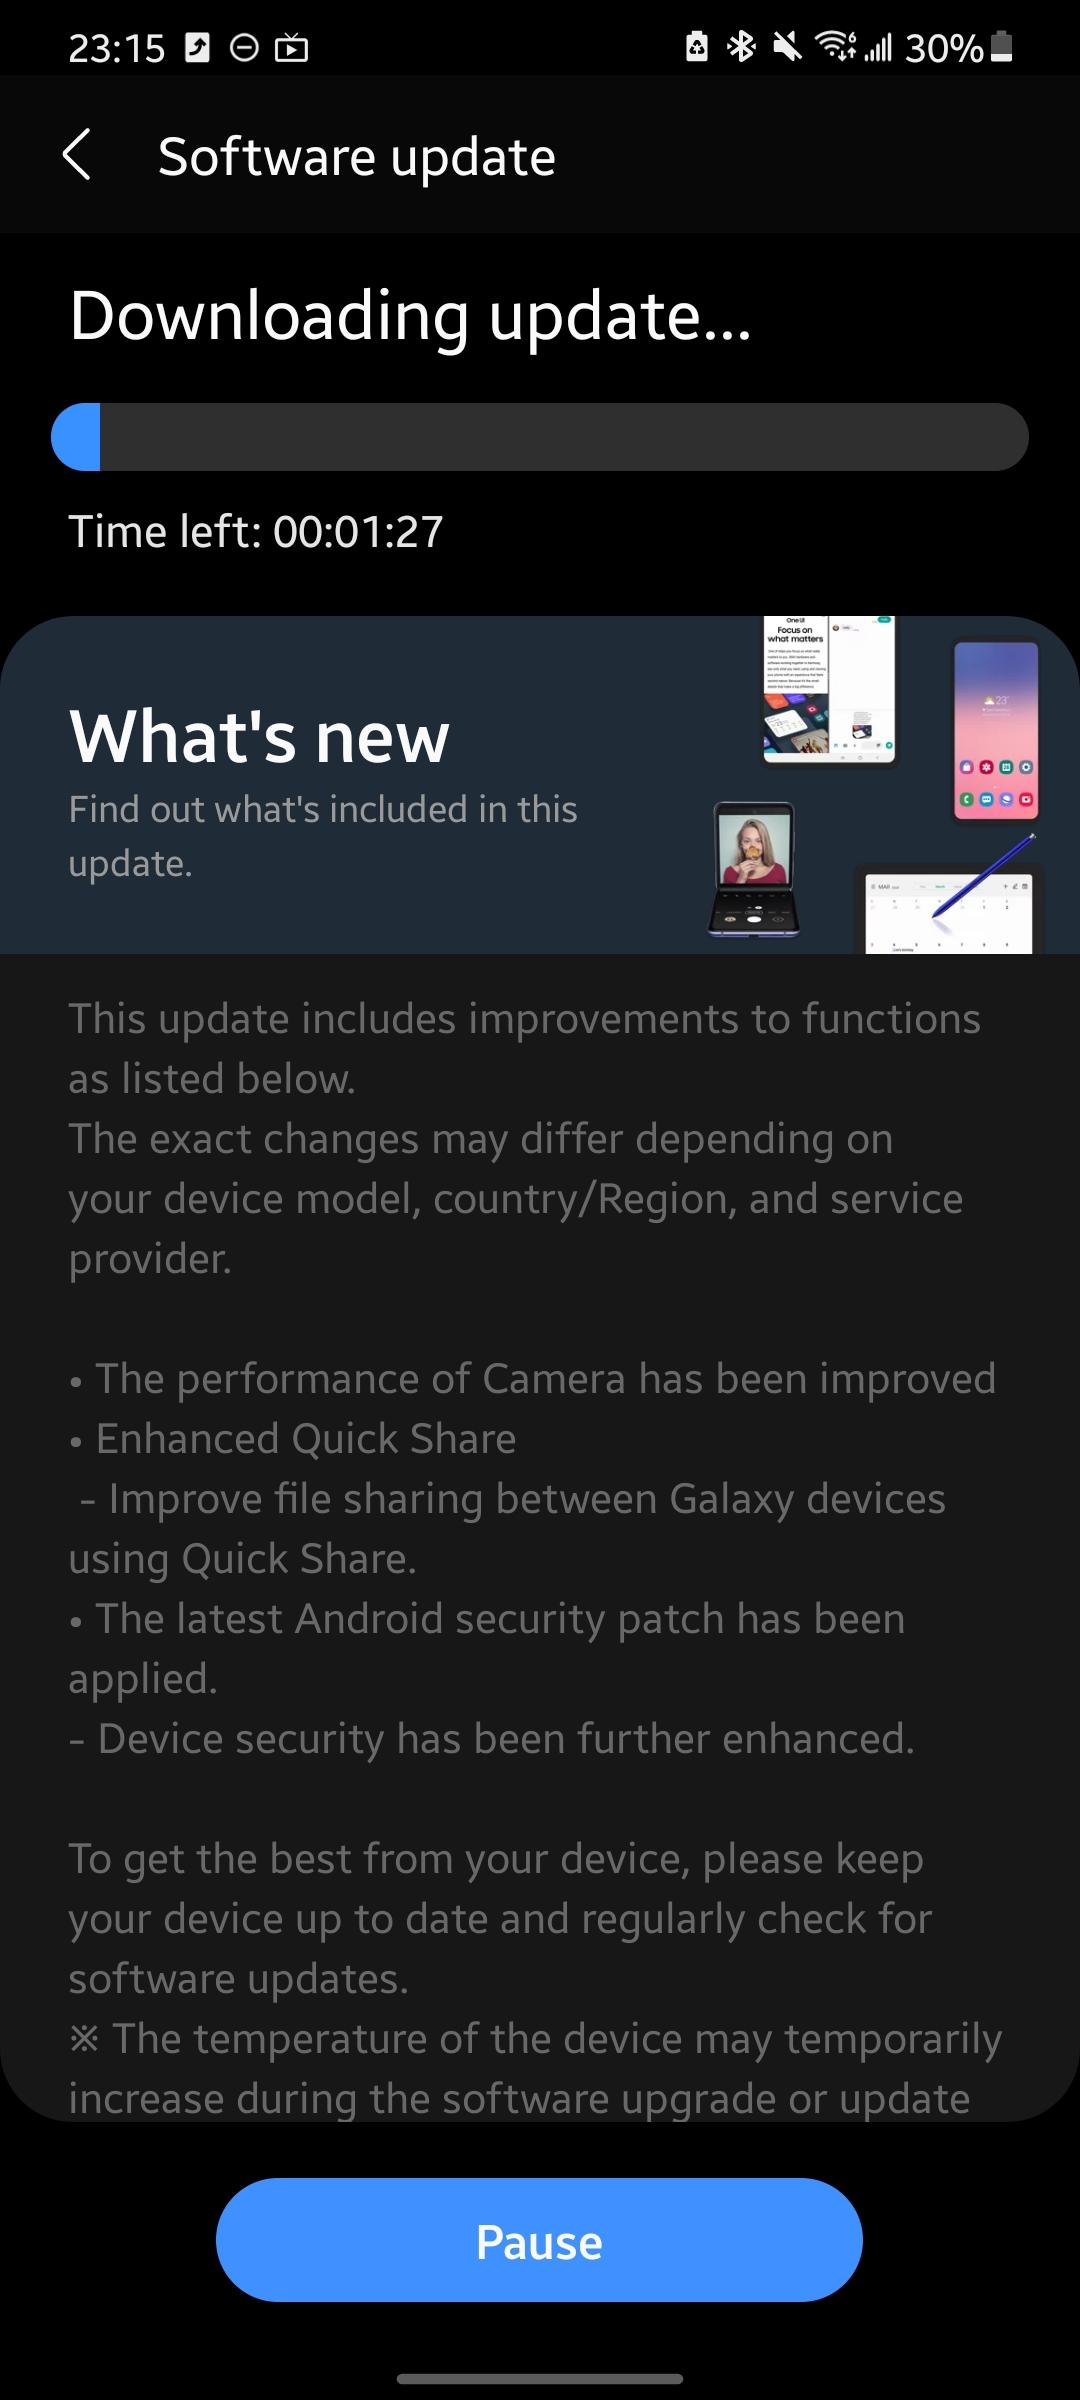 Screenshot_20210429-231544_Software update.jpg